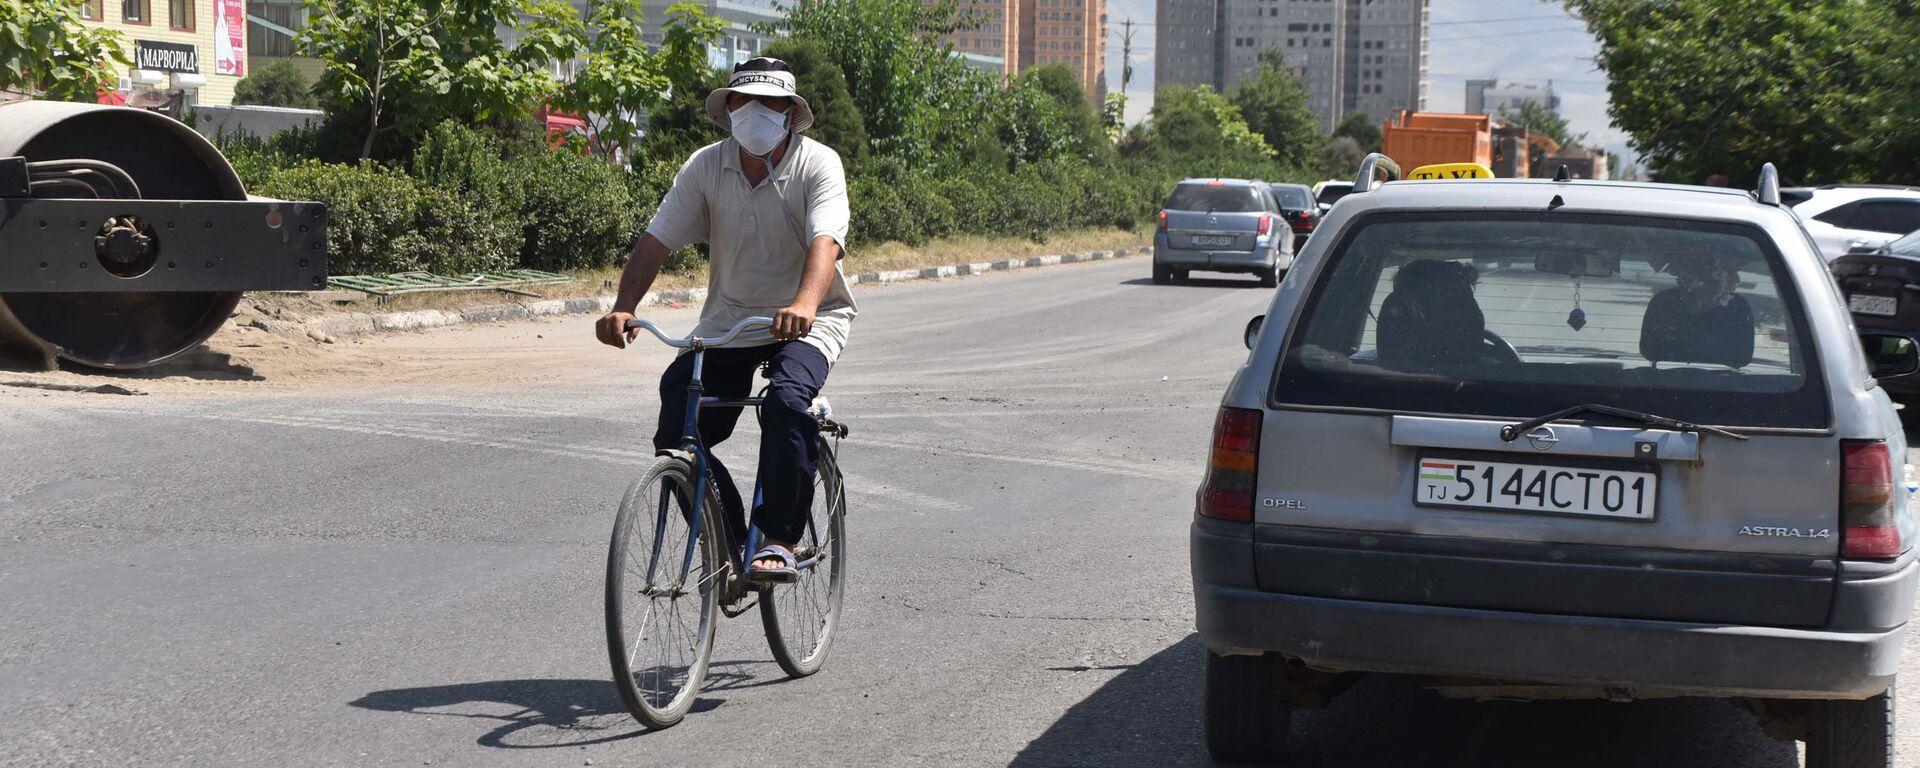 Велосипедист в Душанбе - Sputnik Таджикистан, 1920, 20.09.2021